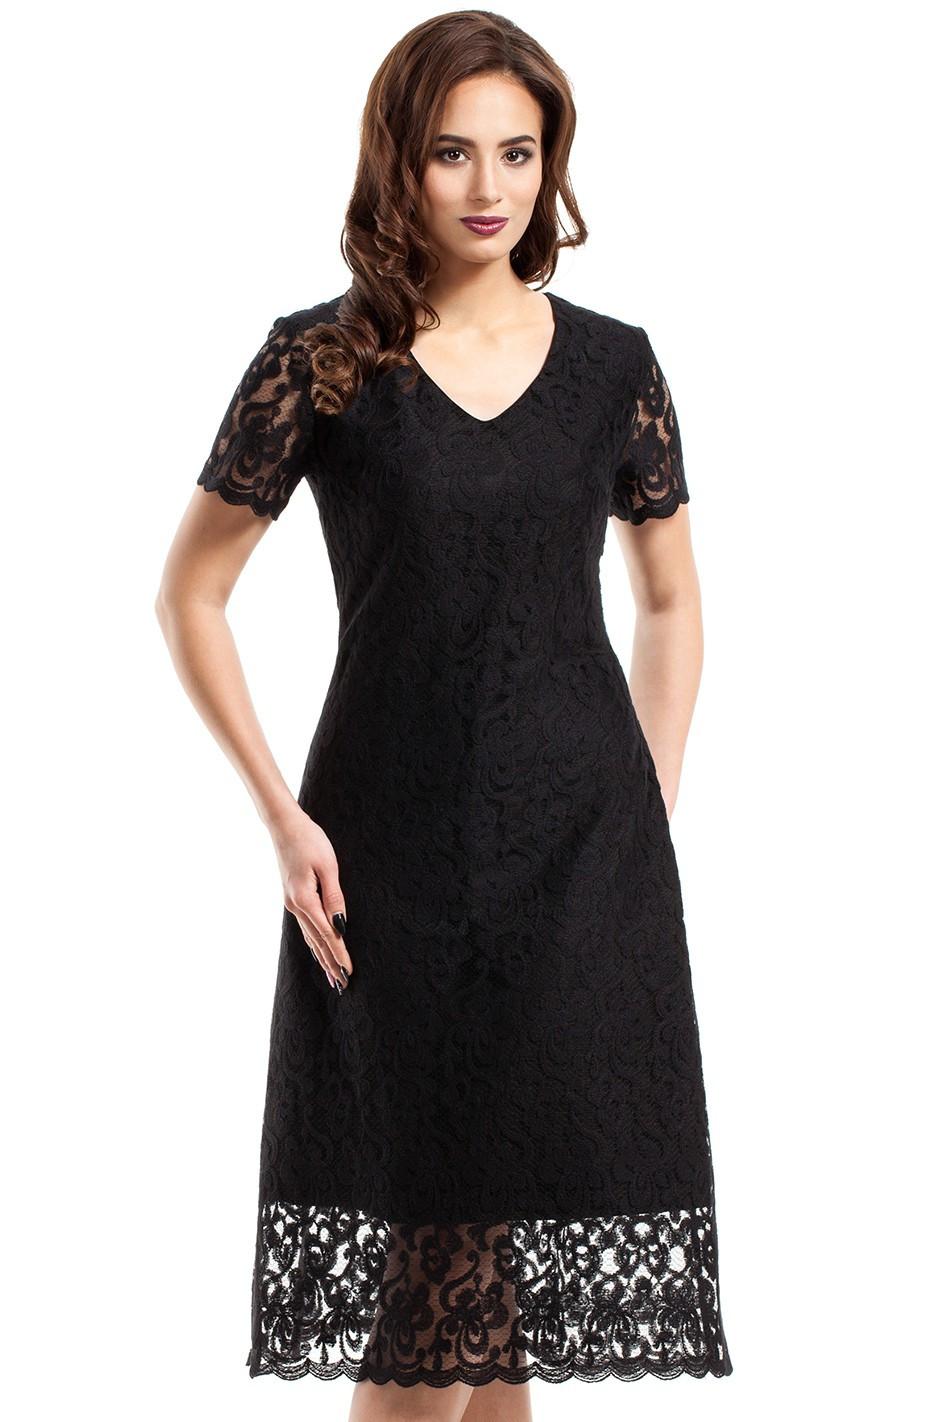 Dámské šaty 275 - MOE Barva: černá, Velikost: XL-42